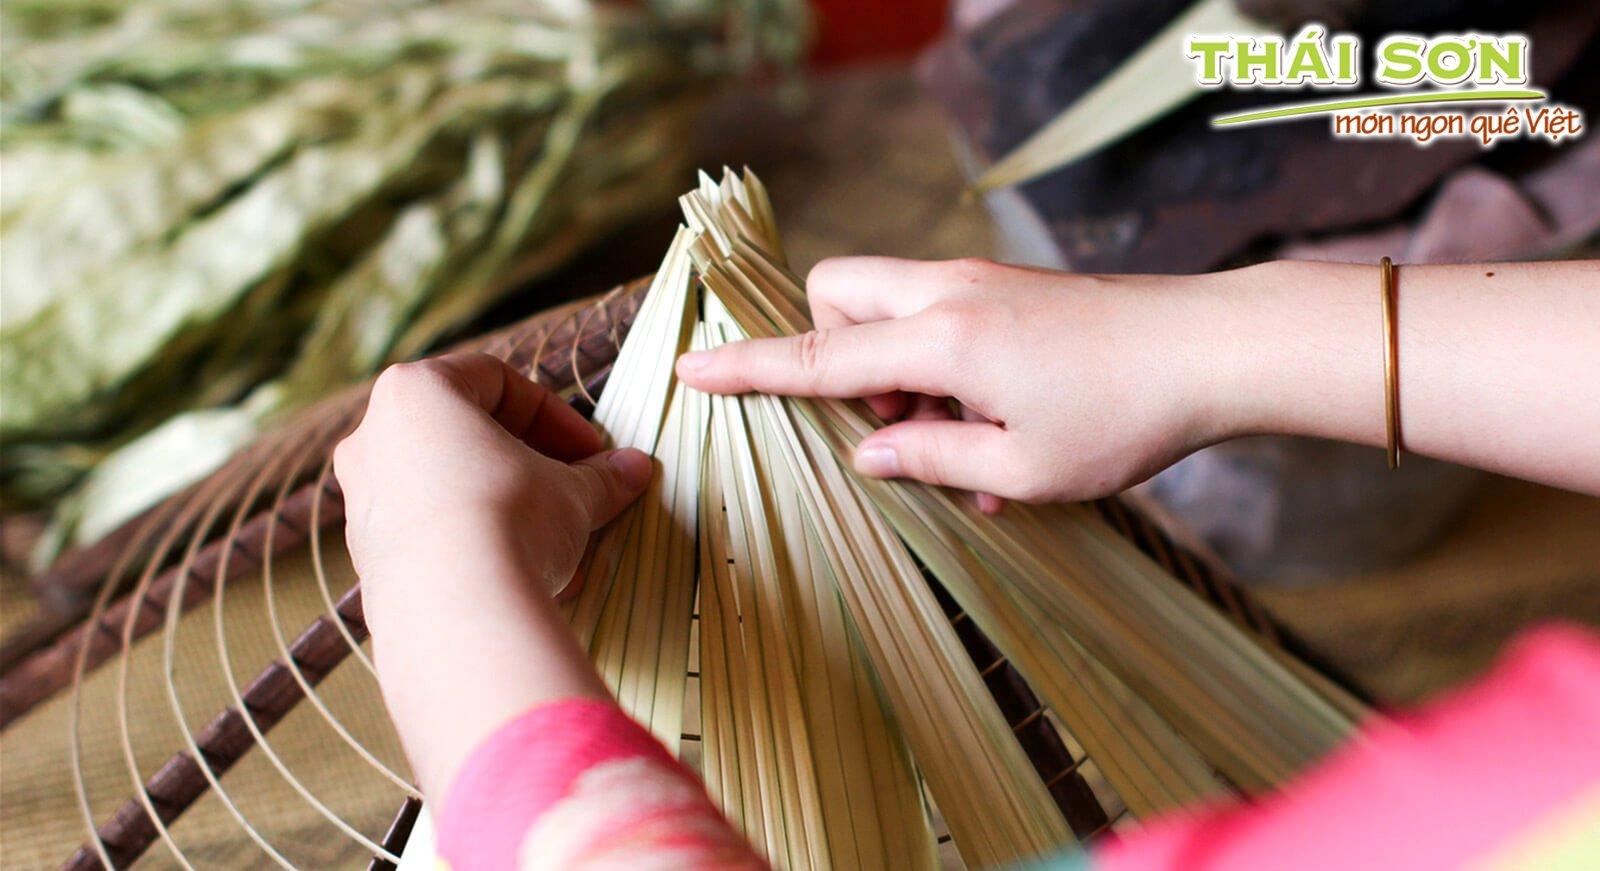 Sữa-Bắp-Thái-Sơn-–-Nét-Duyên-Thầm-Kín-03